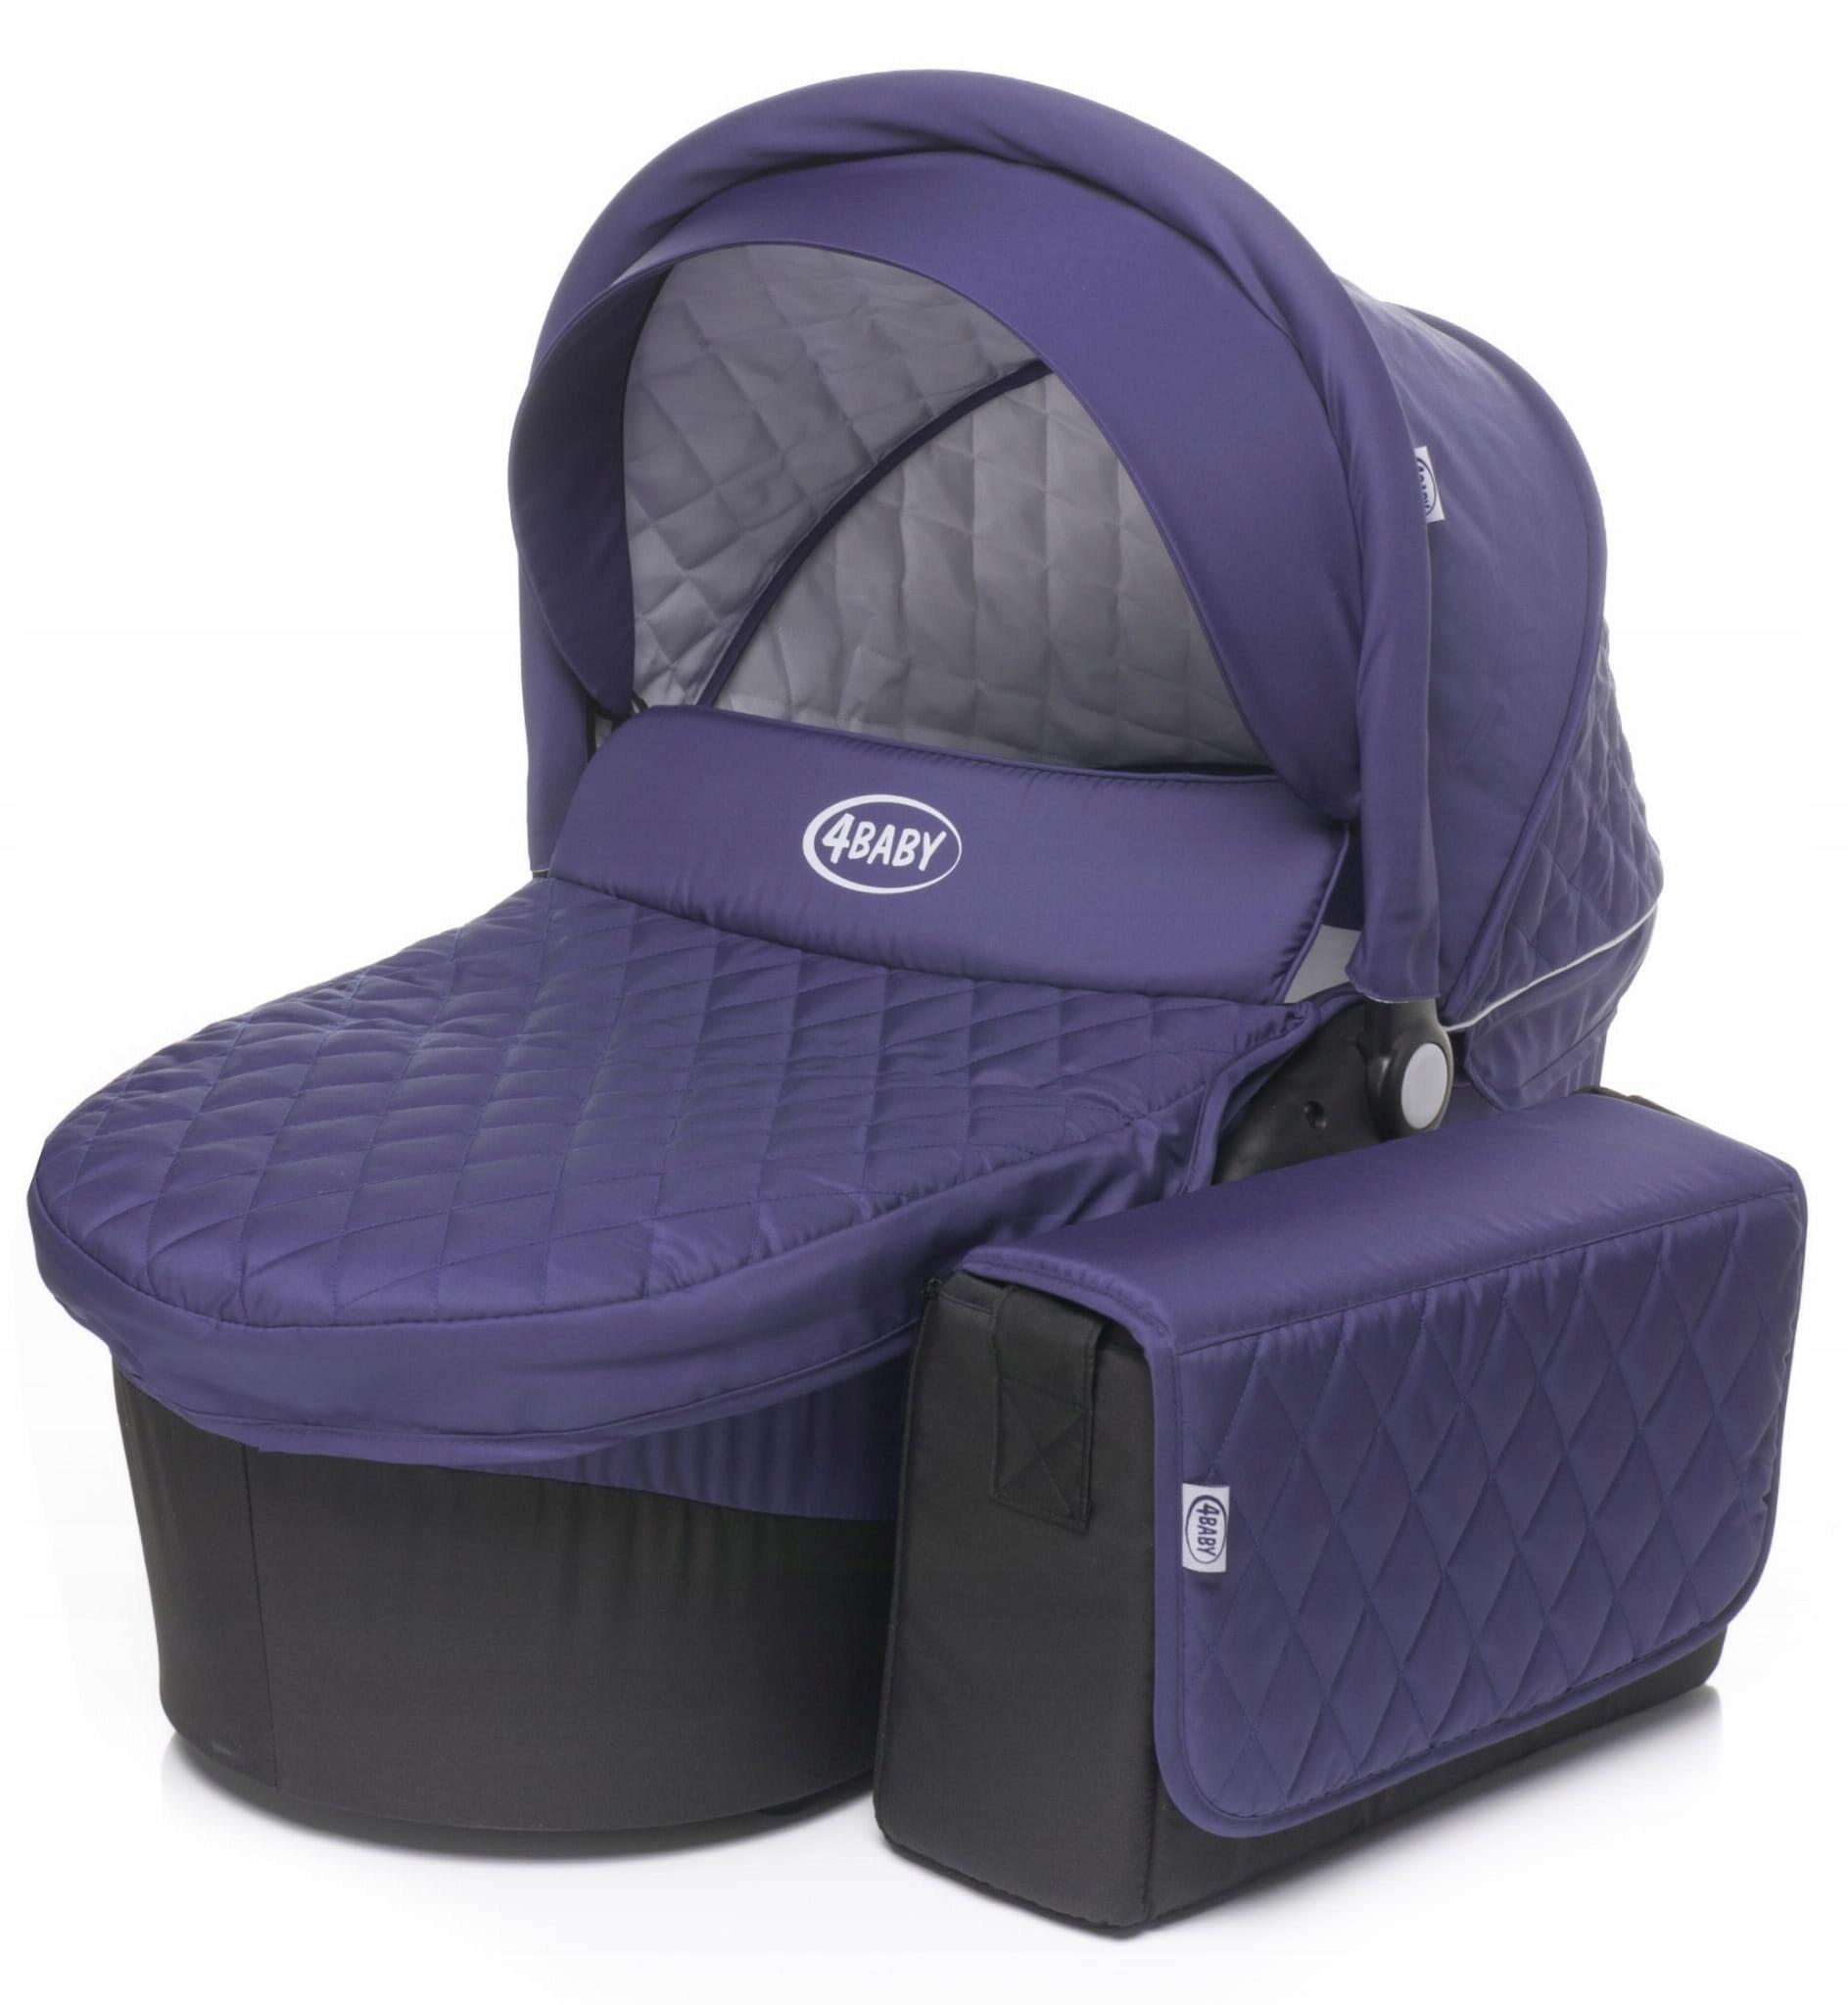 4baby atómová taška + taška - fialová